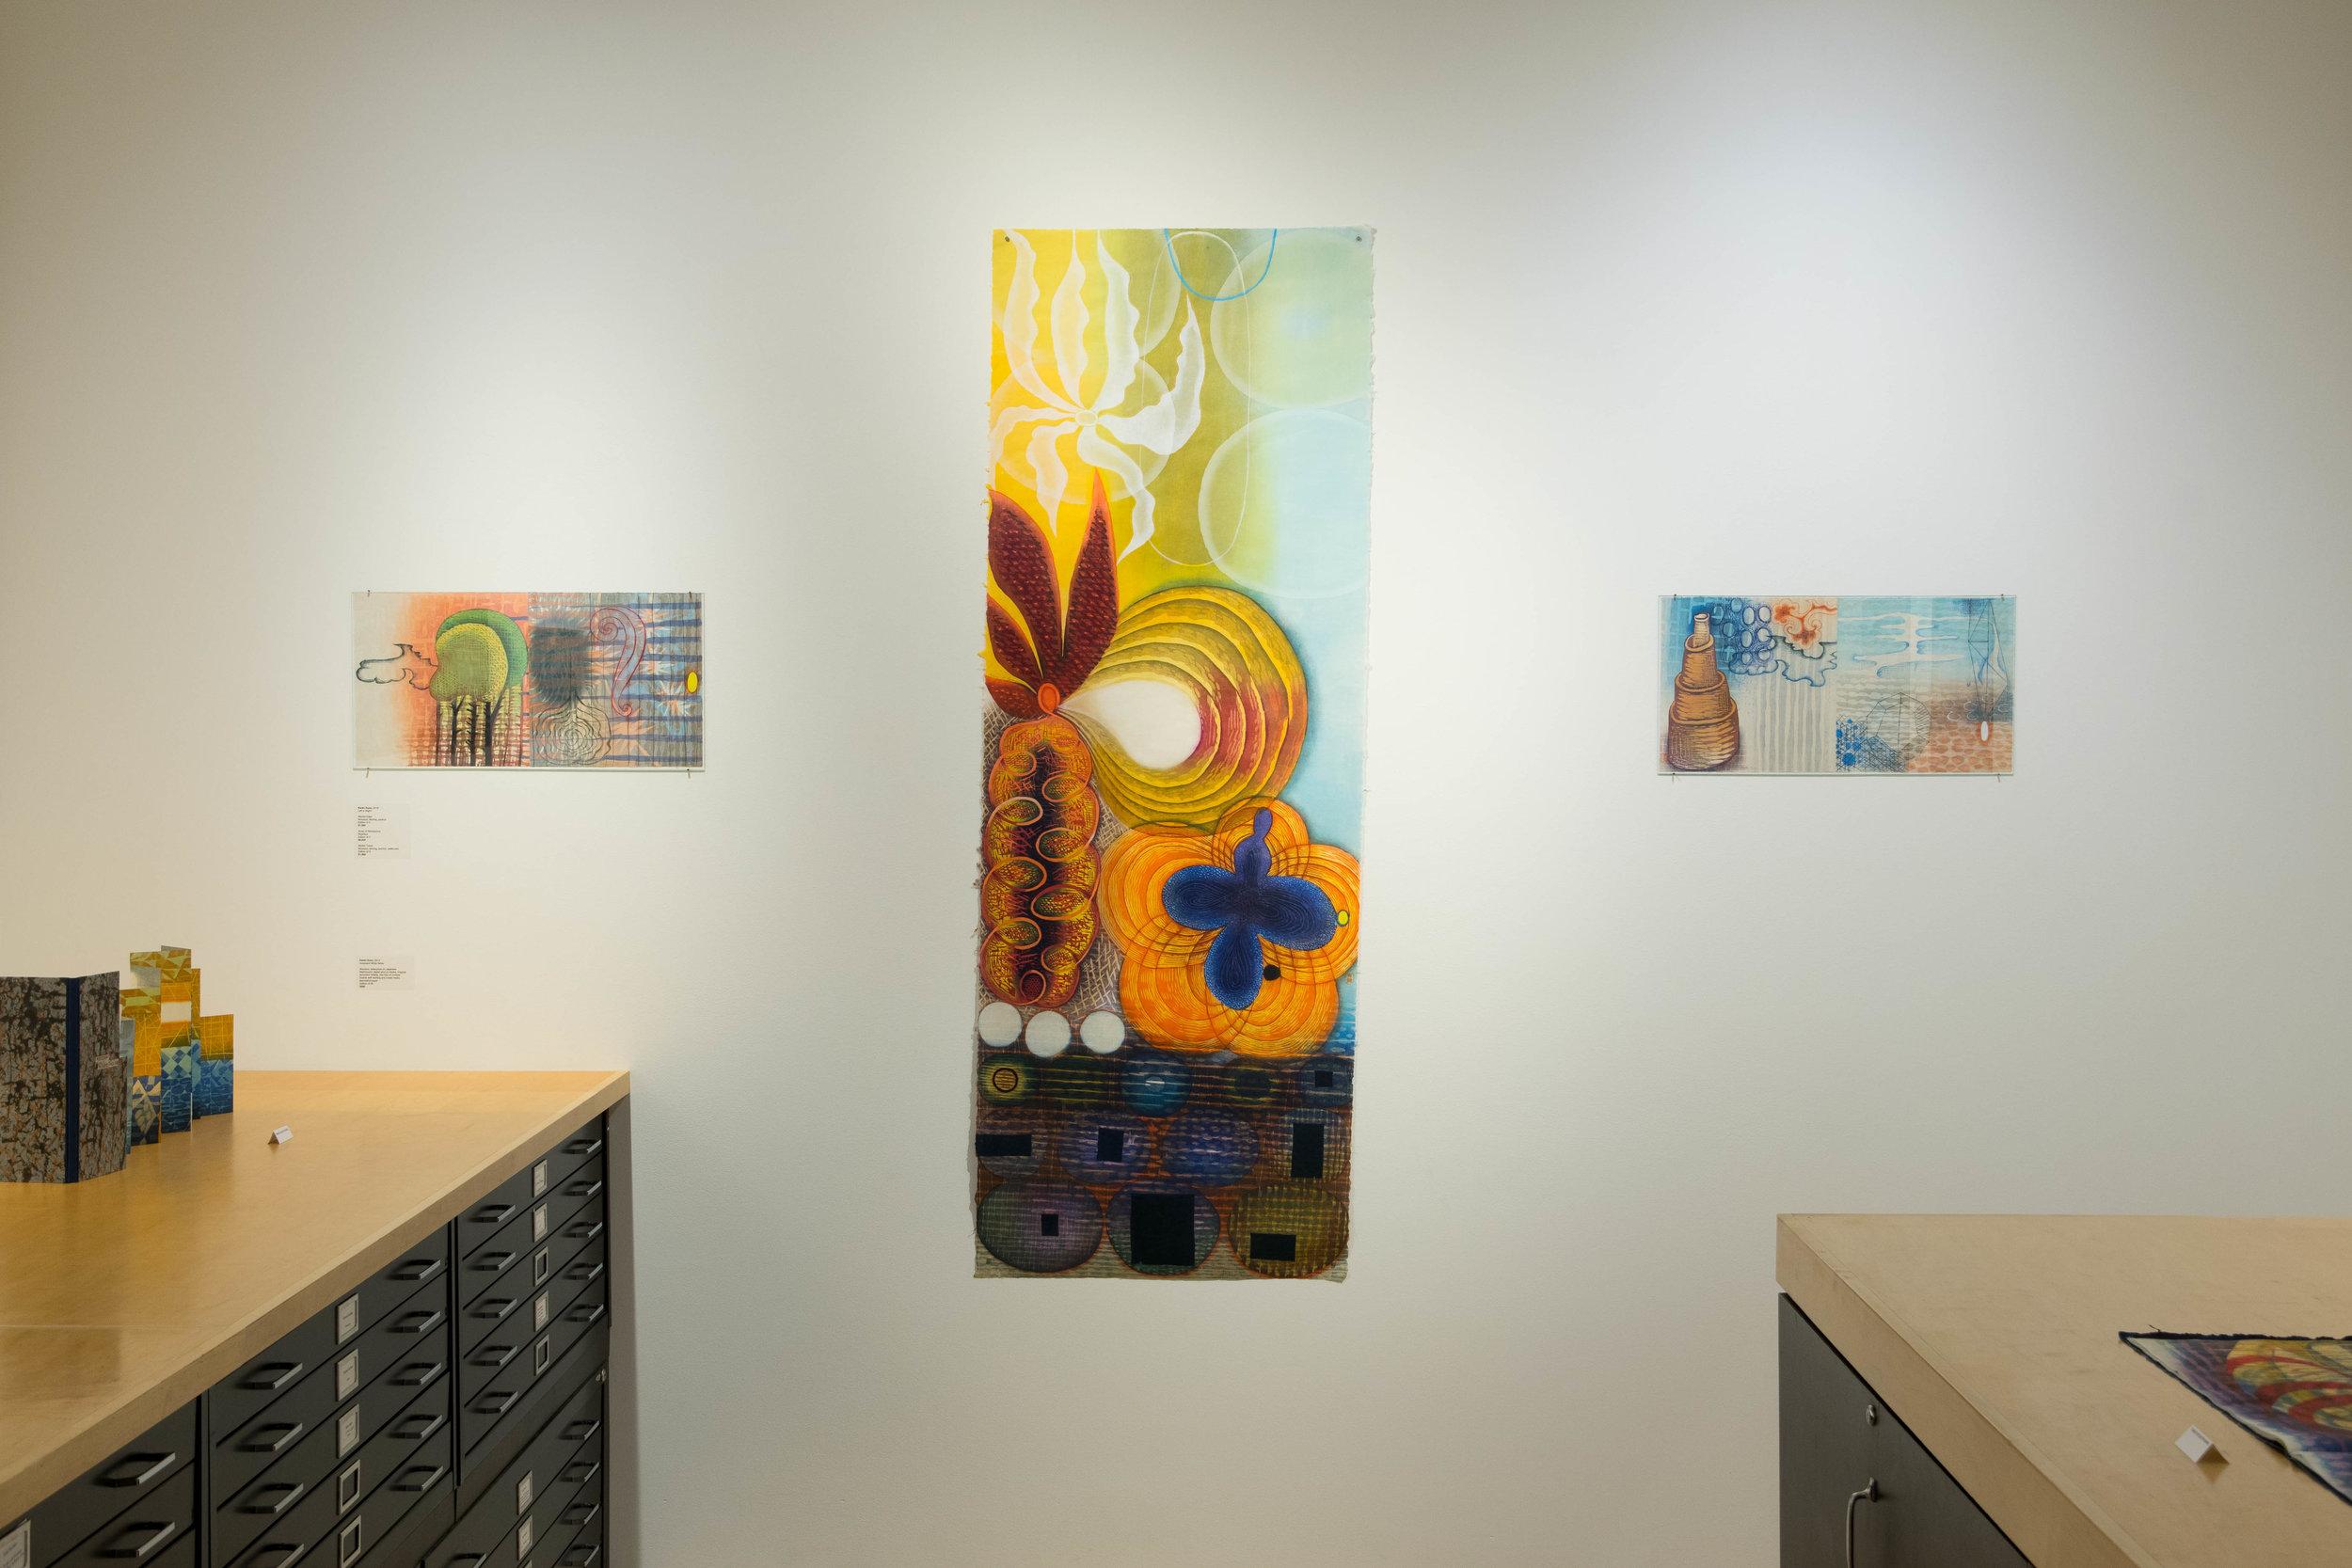 Highpoint ExhibitWeather by Karen Kunc190815a0026.JPG